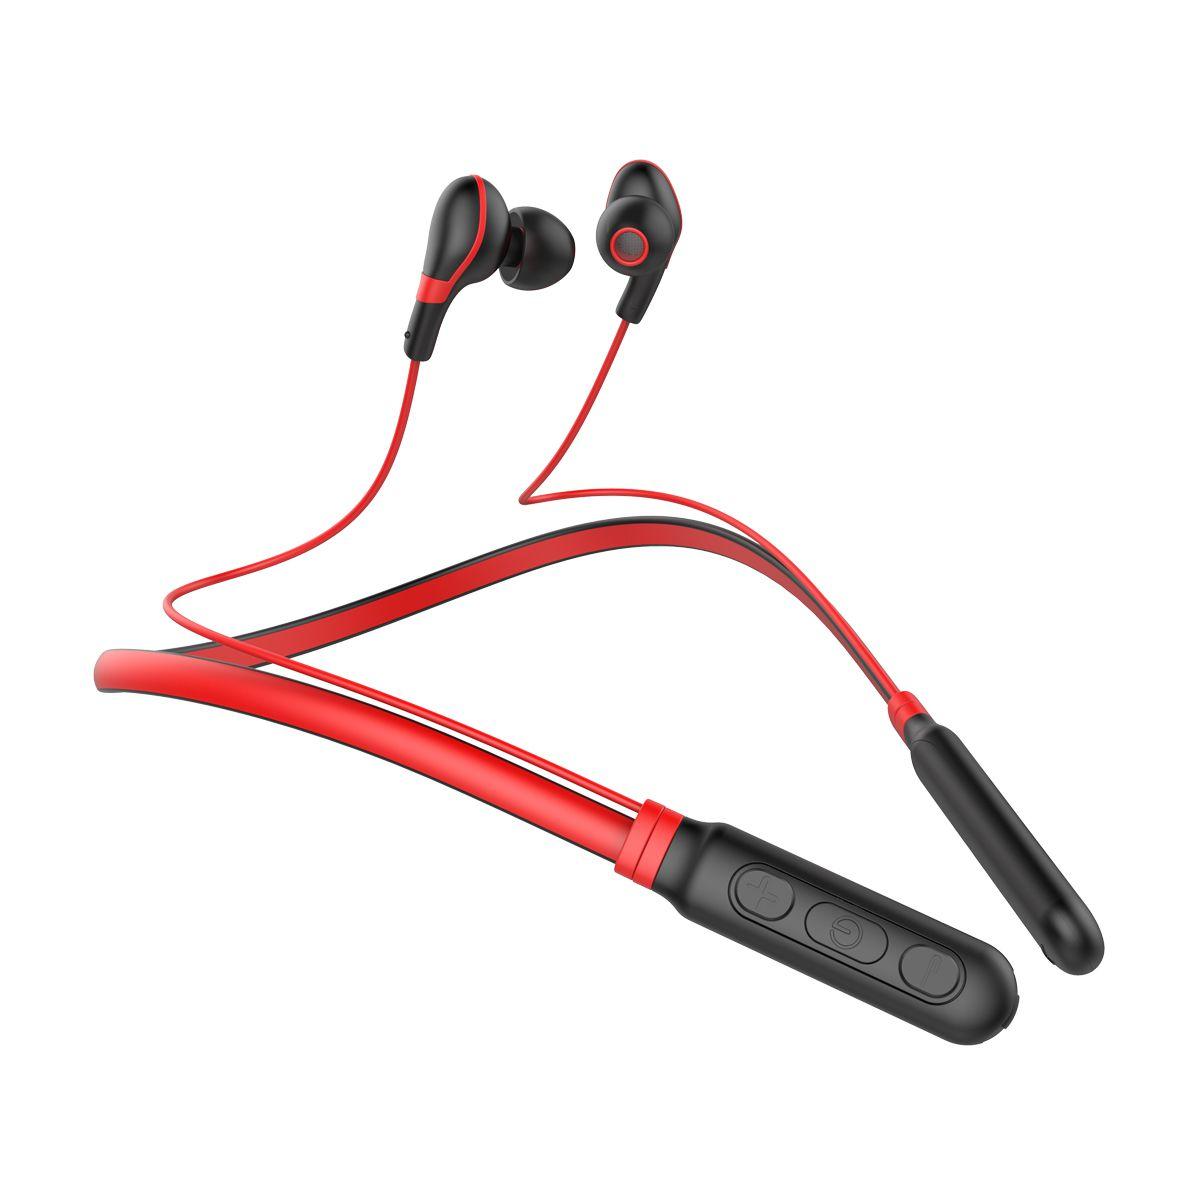 Fone de Ouvido Bluetooth Baseus Encok E16